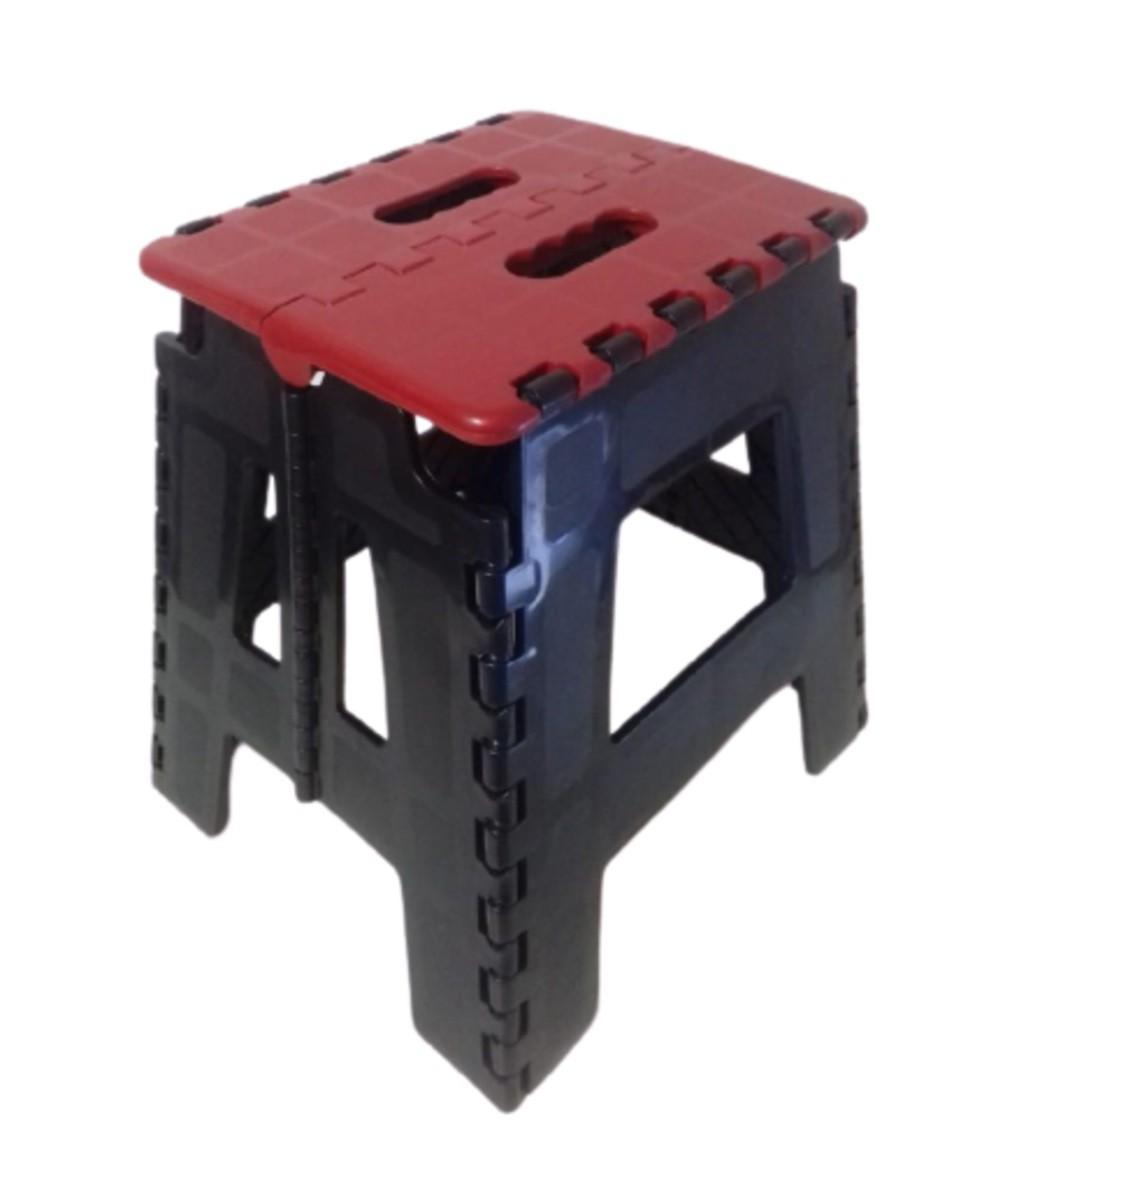 Banco Banqueta Dobrável Plastico Cadeira Praia Aquila Vermelha  - Rea Comércio - Sua Loja Completa!